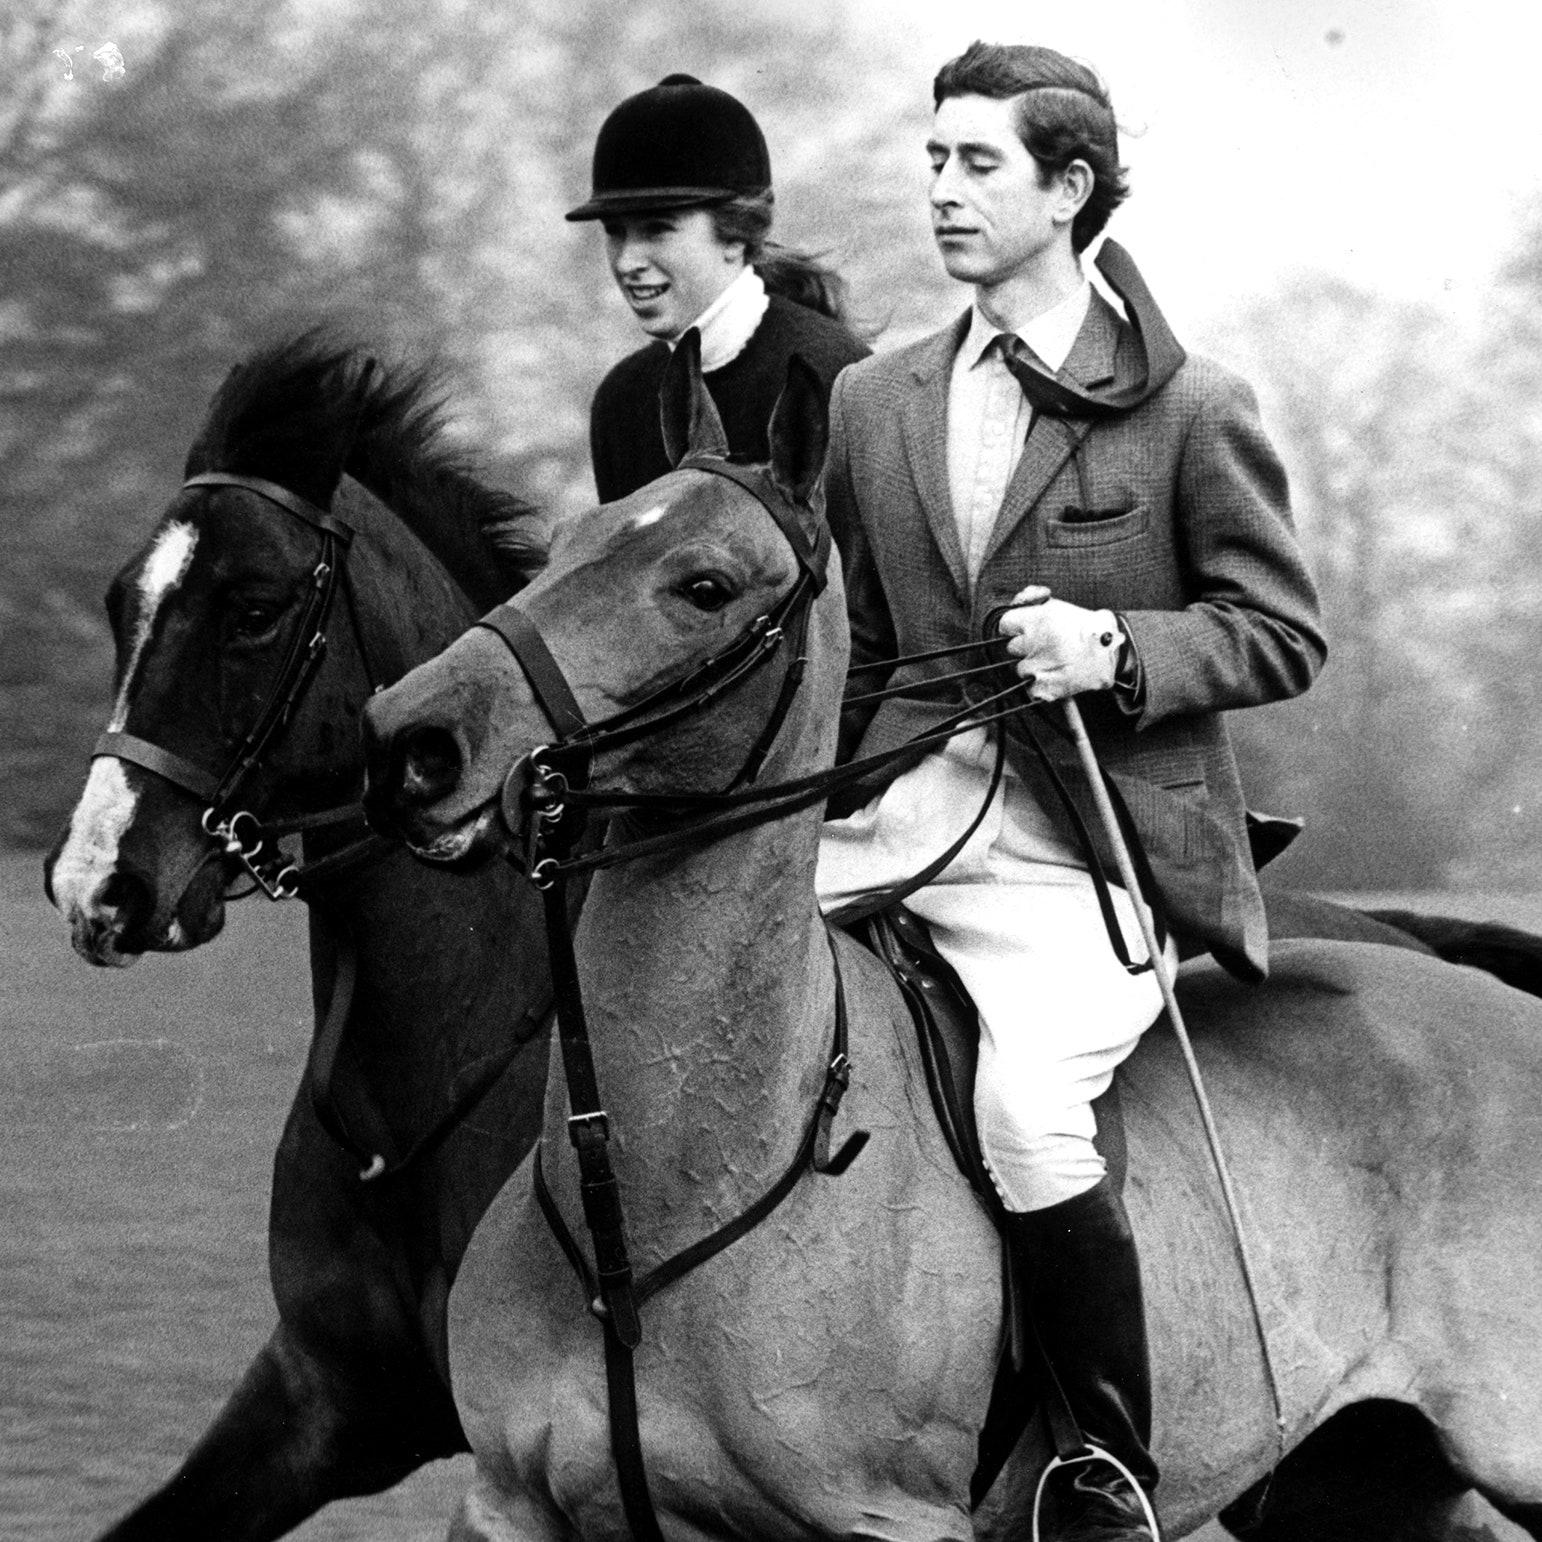 Умер принц Филипп – муж Елизаветы II. Он фанател от поло, изобрел новый спорт, но ненавидел Олимпиады